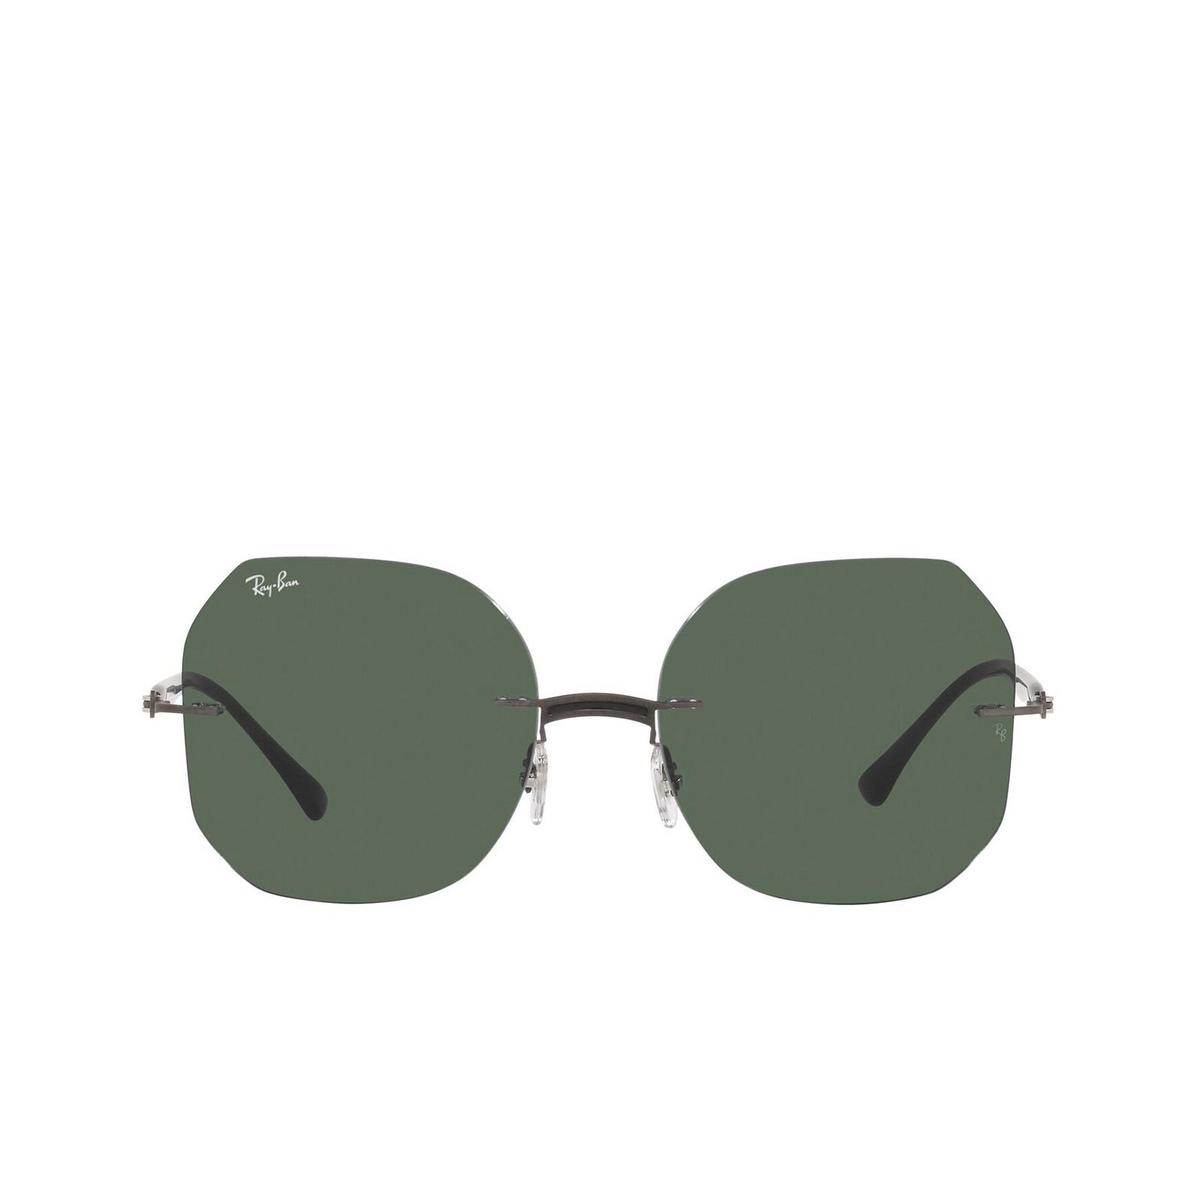 Ray-Ban® Irregular Sunglasses: RB8067 color Black On Sanding Gunmetal 154/71 - 1/3.